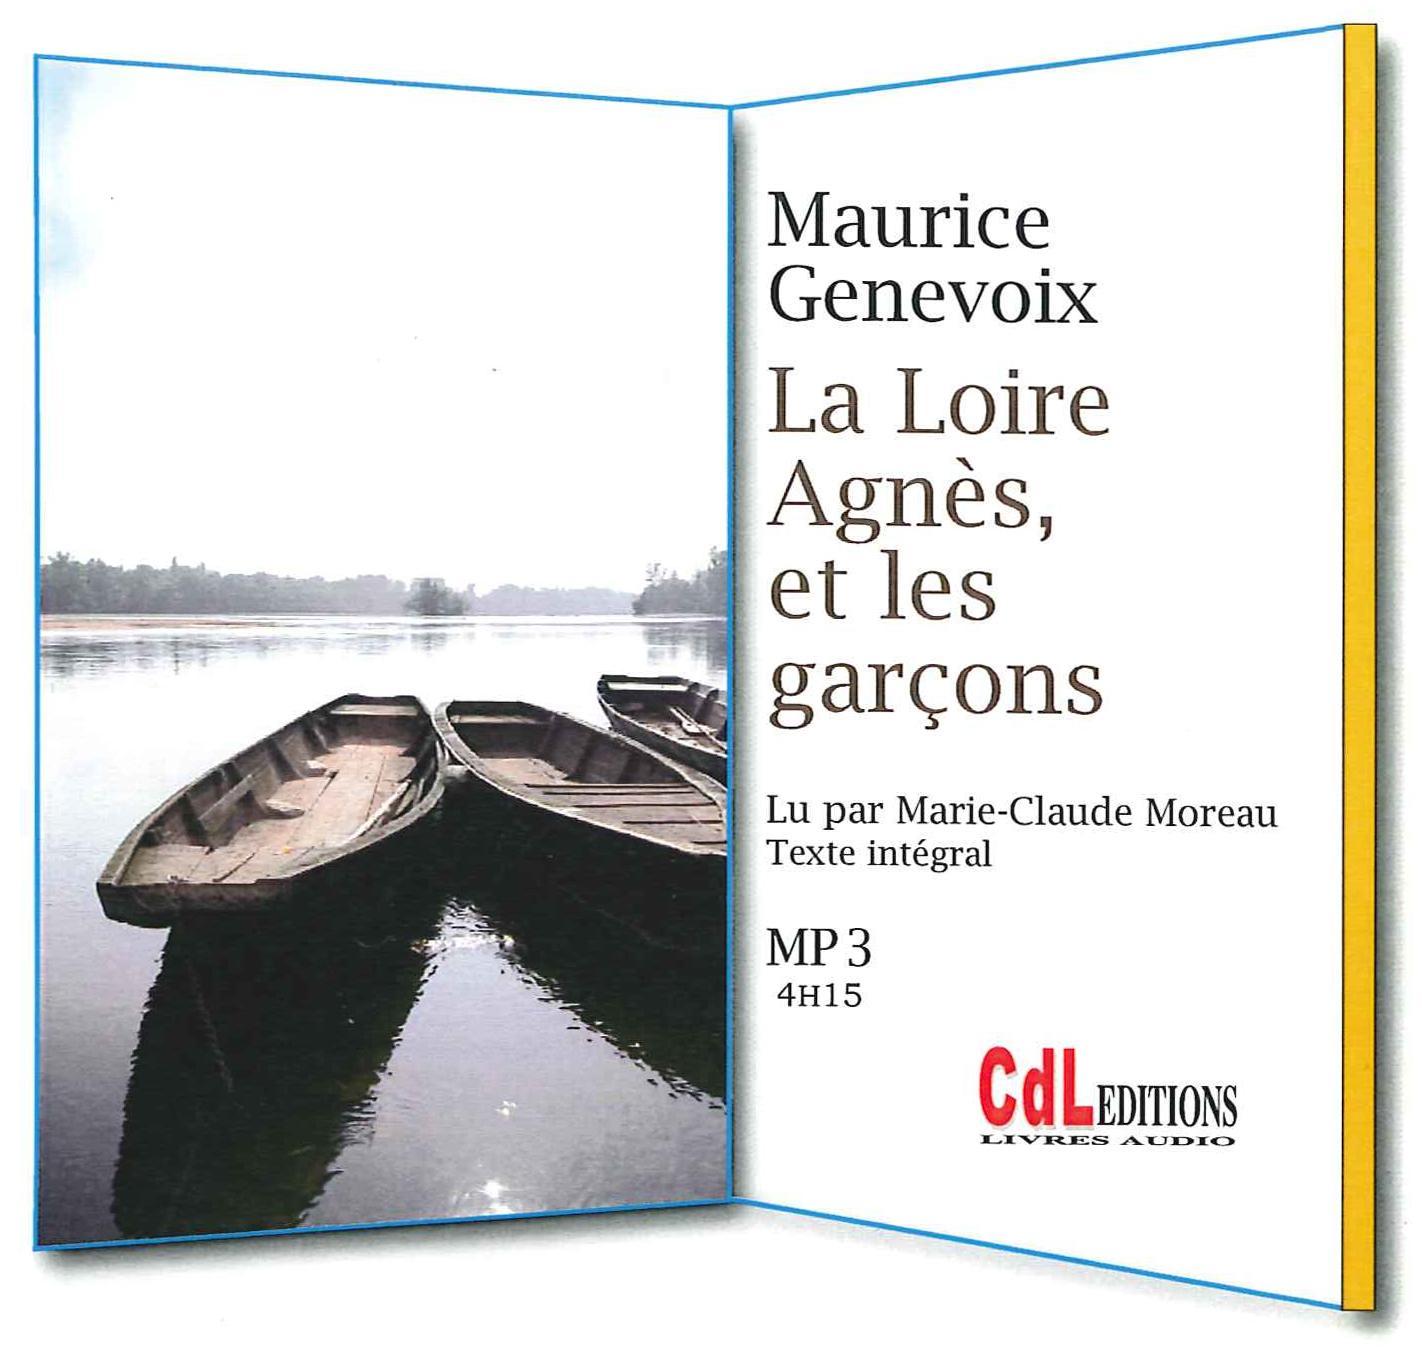 La Loire, Agnès et les garçons - MP3